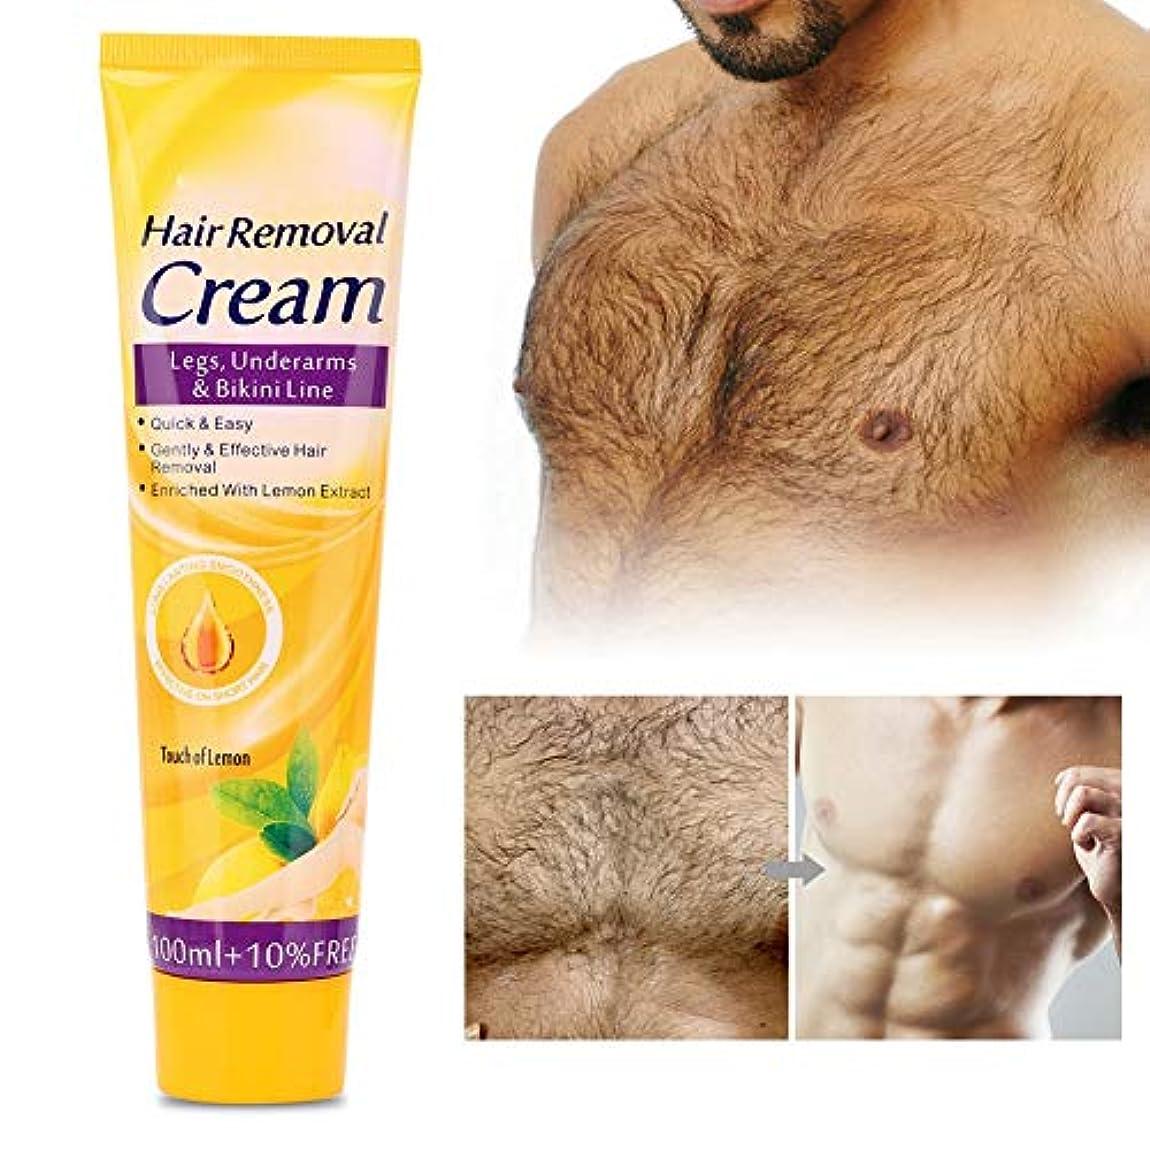 発行する物理的に凶暴な脱毛クリームプロユニセックス痛みのないレモン脱毛ローション用ボディ脚脇の下アーム